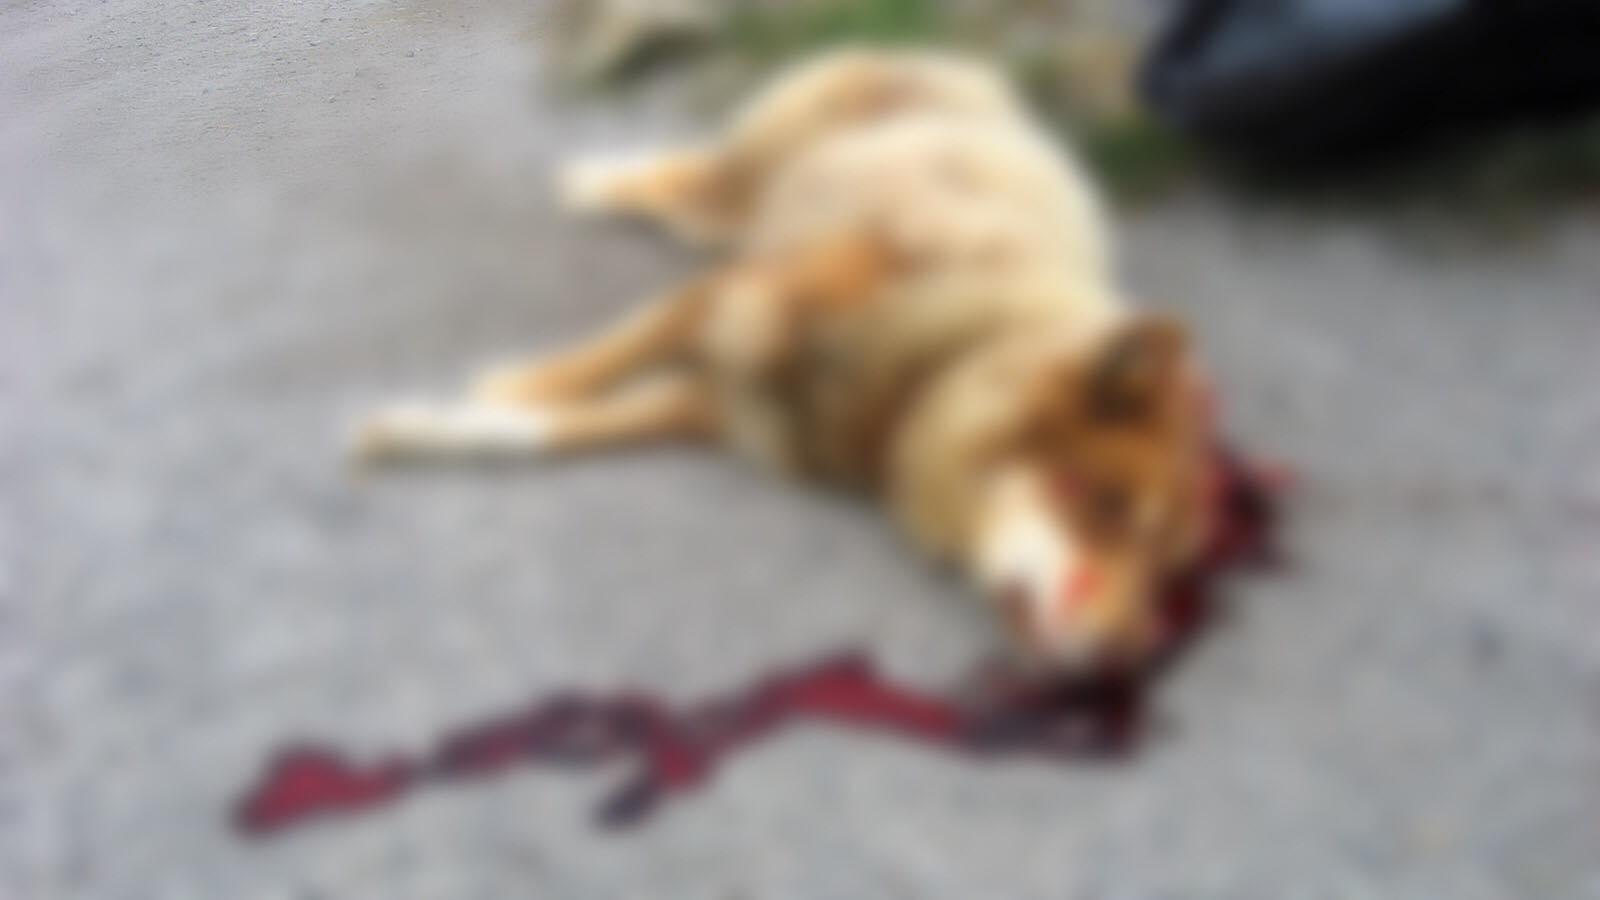 Աբովյանում հարբած մարդու խրախճանքը 5 շան կյանք է արժեցել